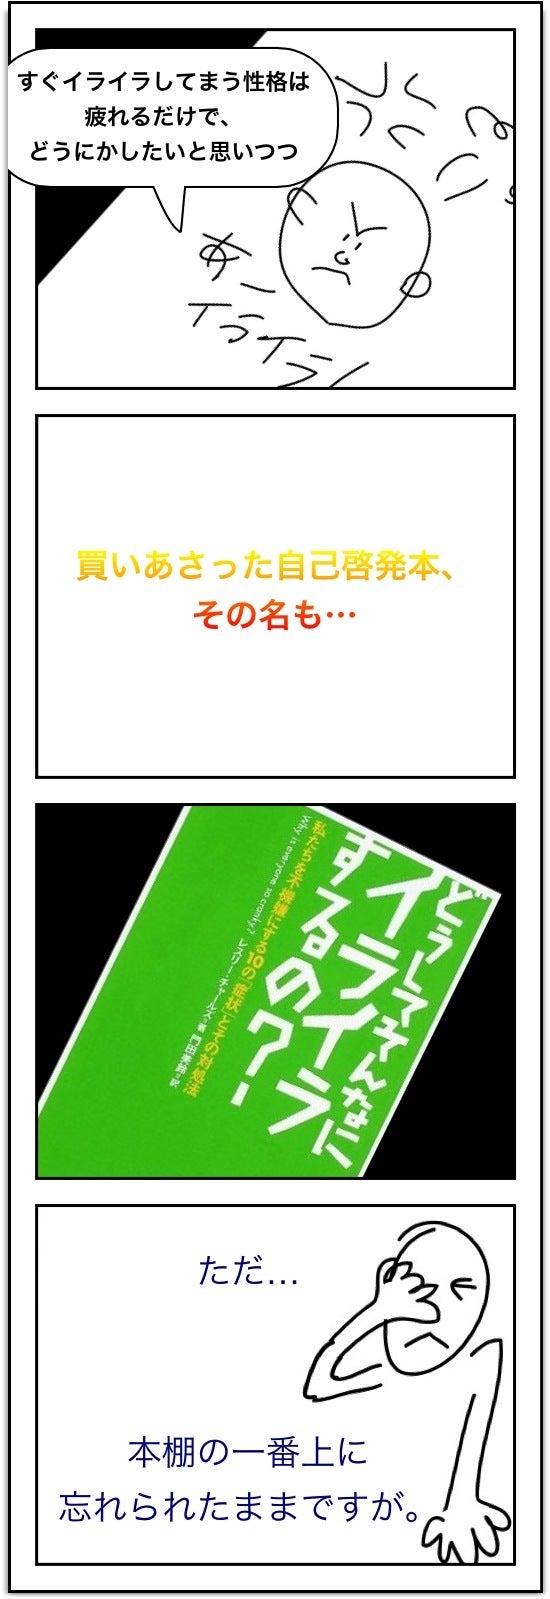 和田昌哉オフィシャルブログ「MASA'S HIDEOUT」Powered by Ameba